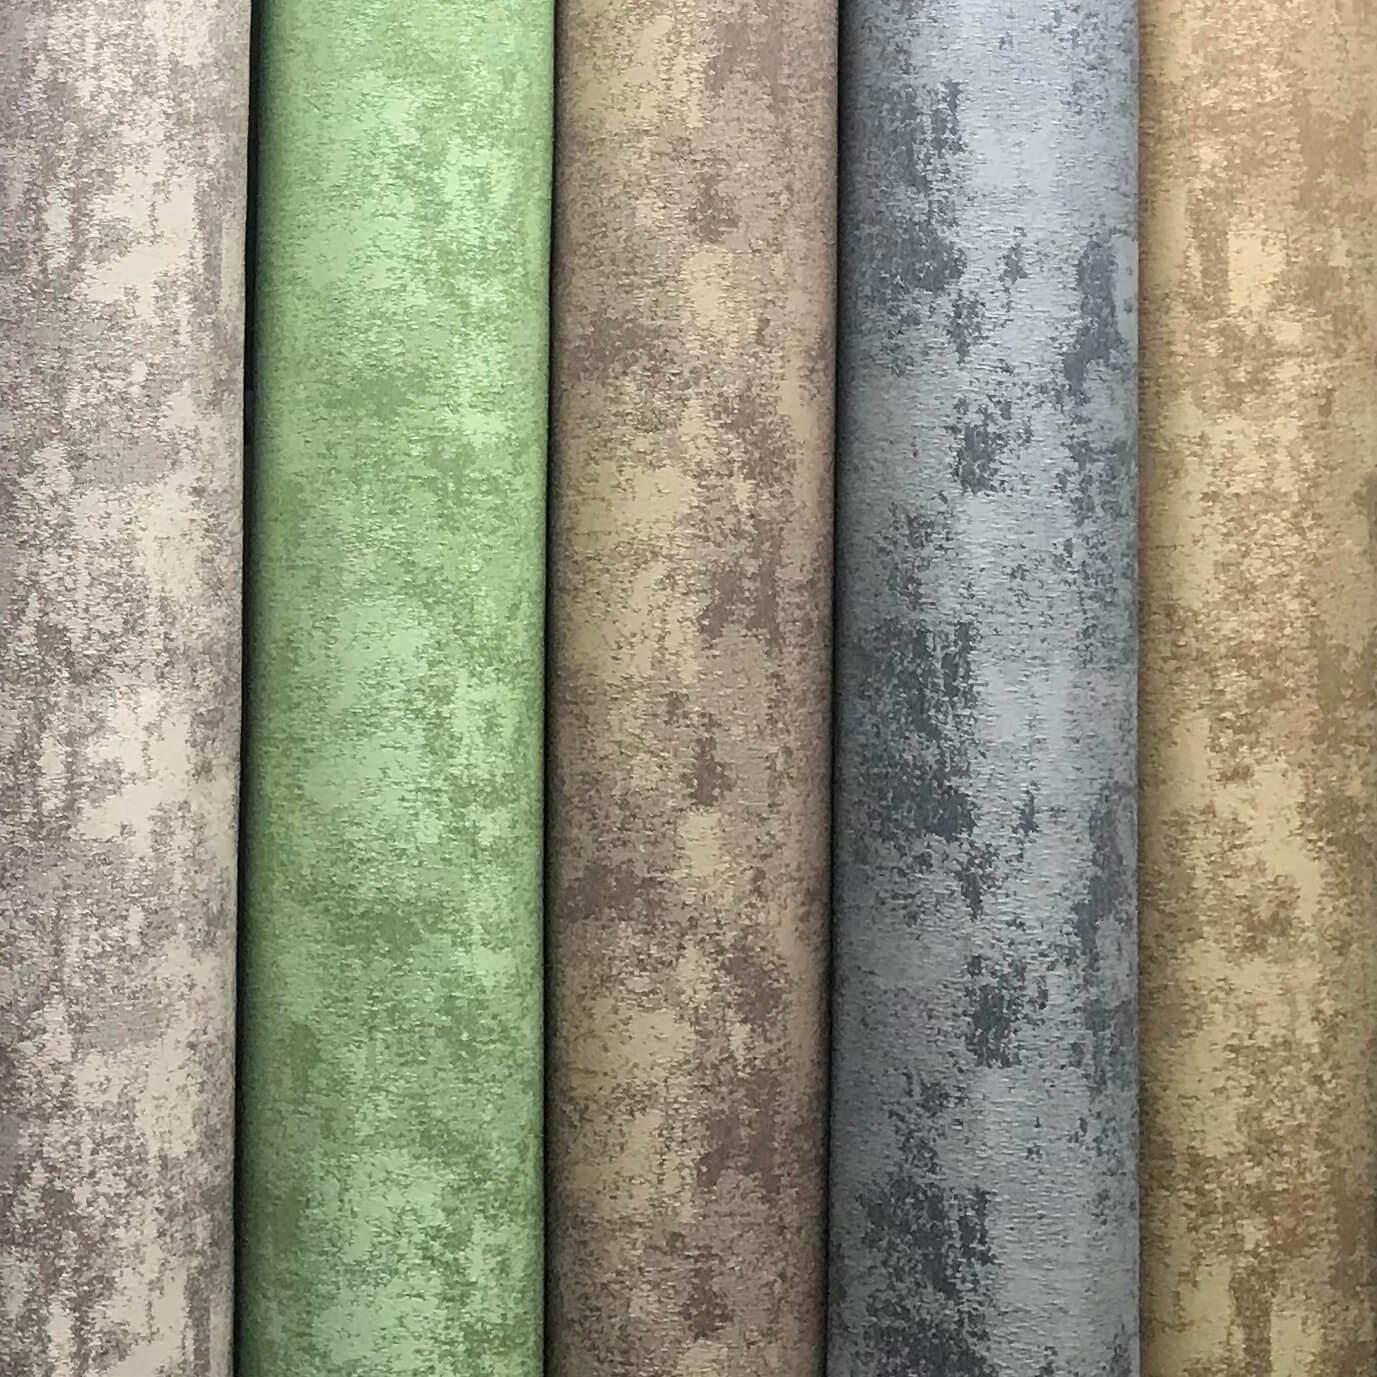 Купить ткань портьерную купить камуфляжные ткани оптом